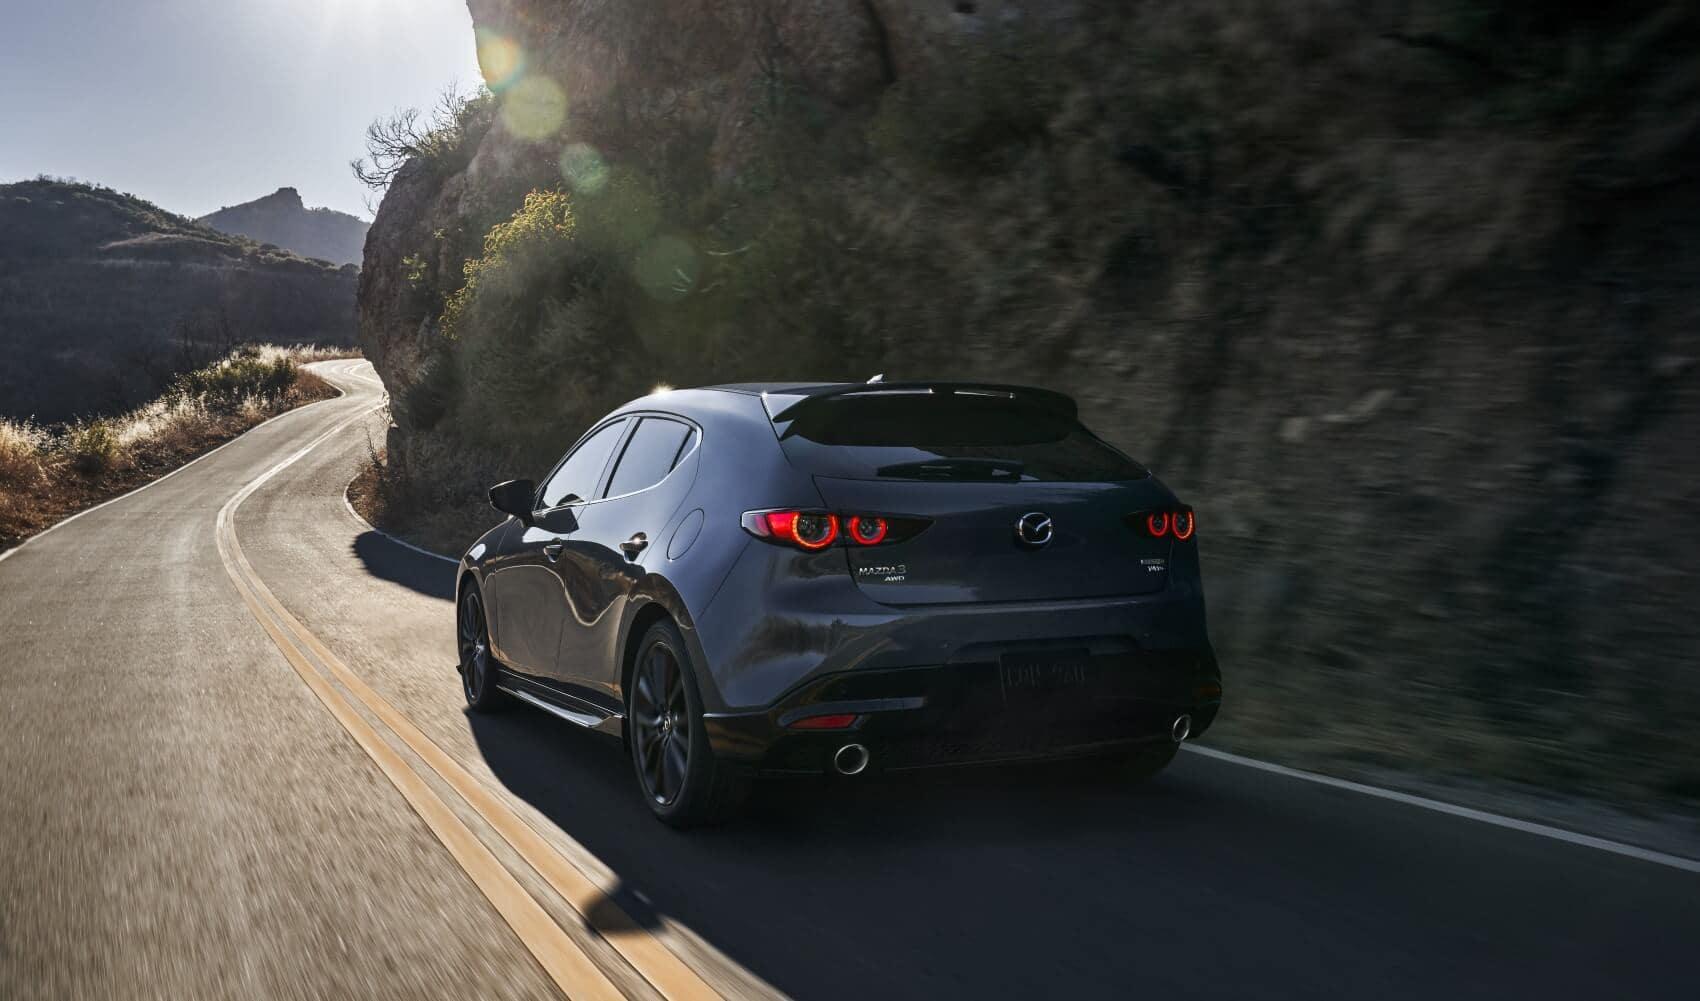 2021 Mazda3 fuel economy